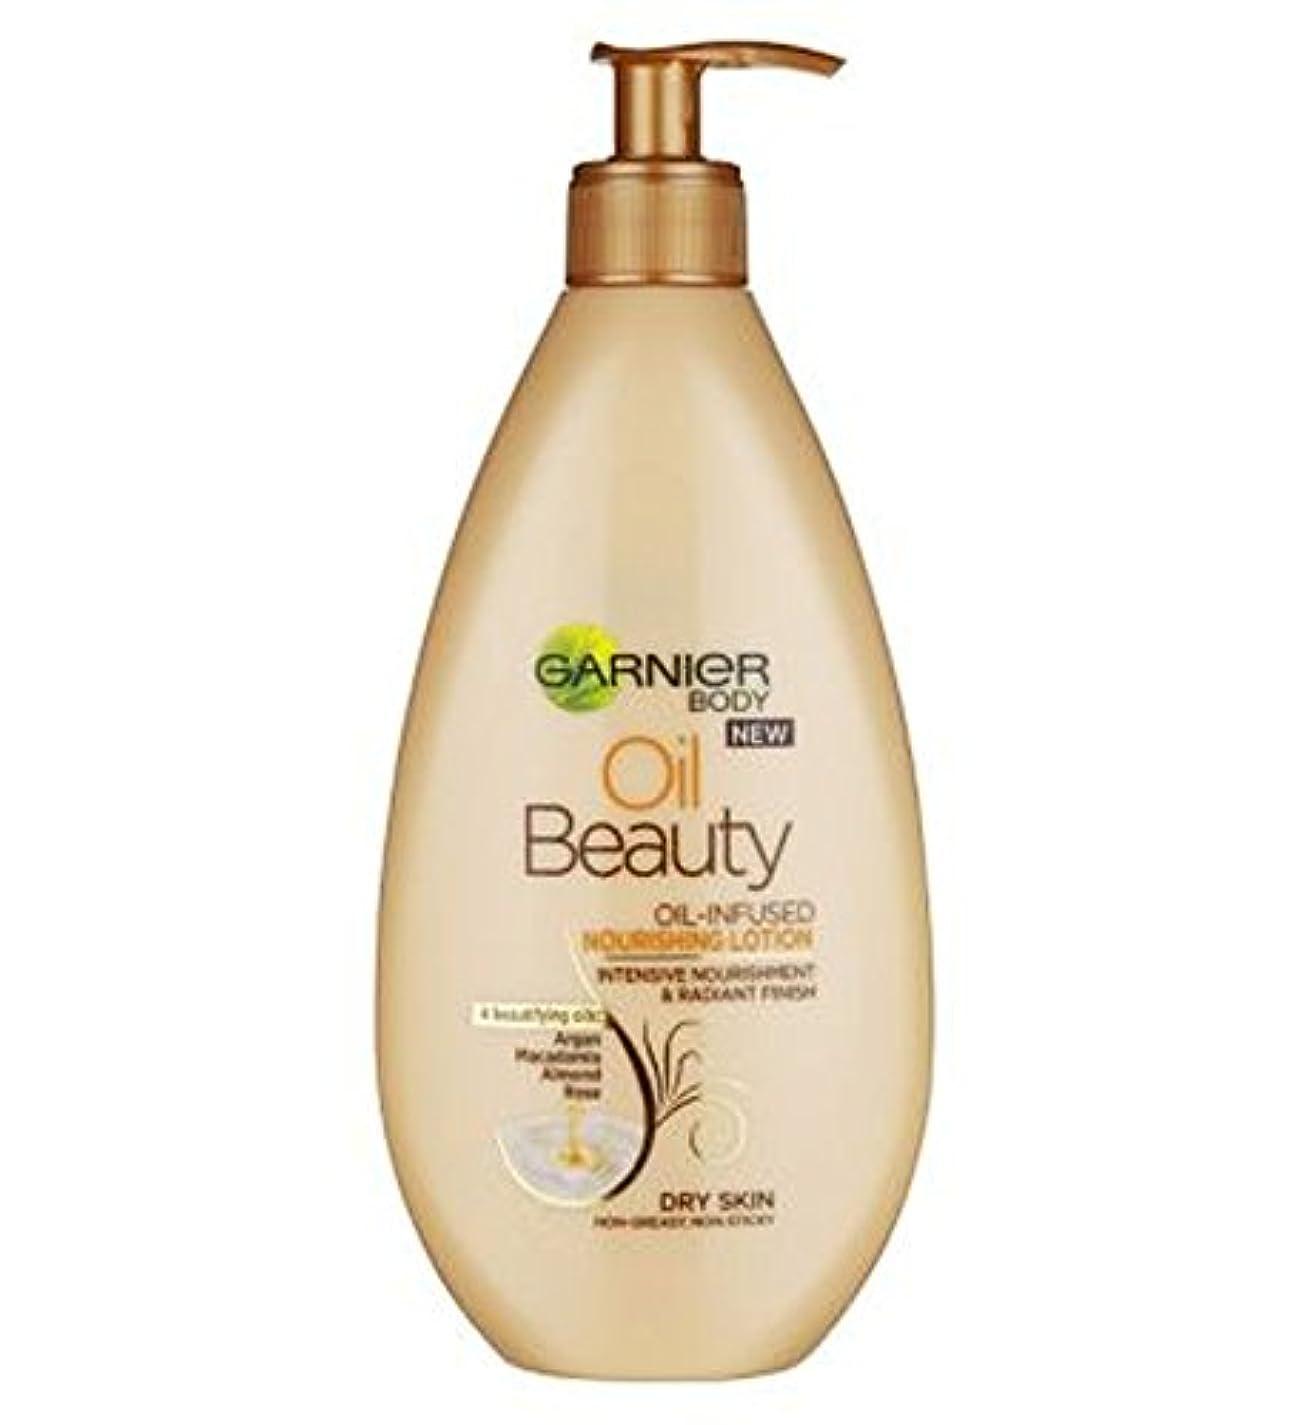 石炭債権者大混乱ガルニエ究極の美容オイル400ミリリットル (Garnier) (x2) - Garnier Ultimate Beauty Oil 400ml (Pack of 2) [並行輸入品]